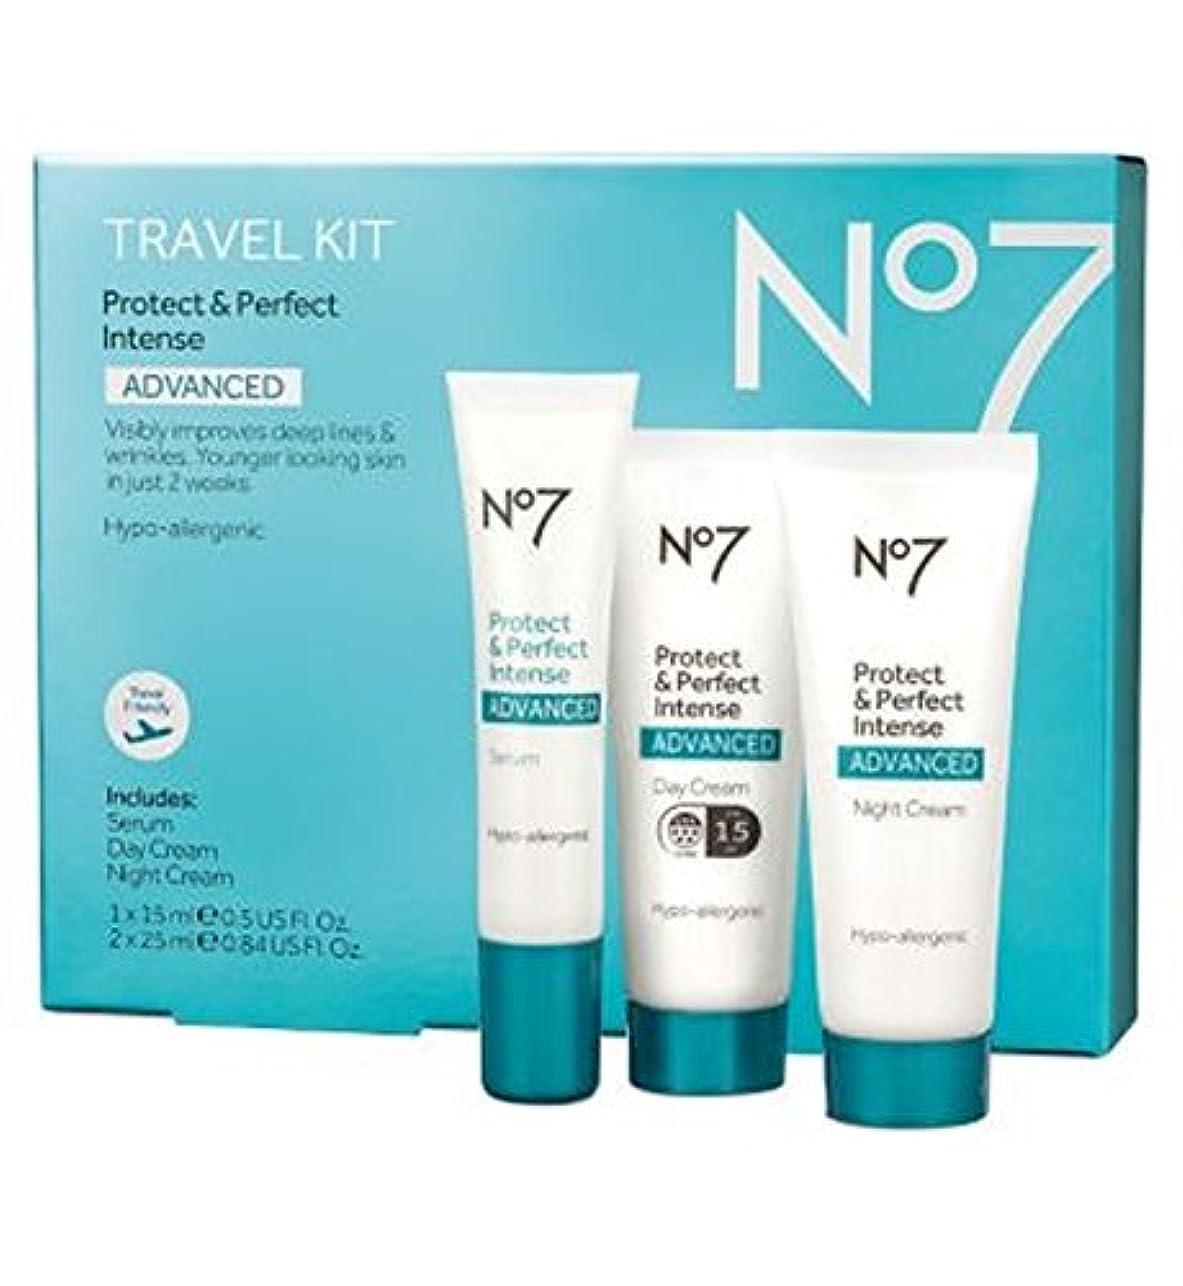 エゴマニア市長割り込みNo7保護&完璧な強烈な高度な旅行キット (No7) (x2) - No7 Protect & Perfect Intense ADVANCED Travel Kit (Pack of 2) [並行輸入品]